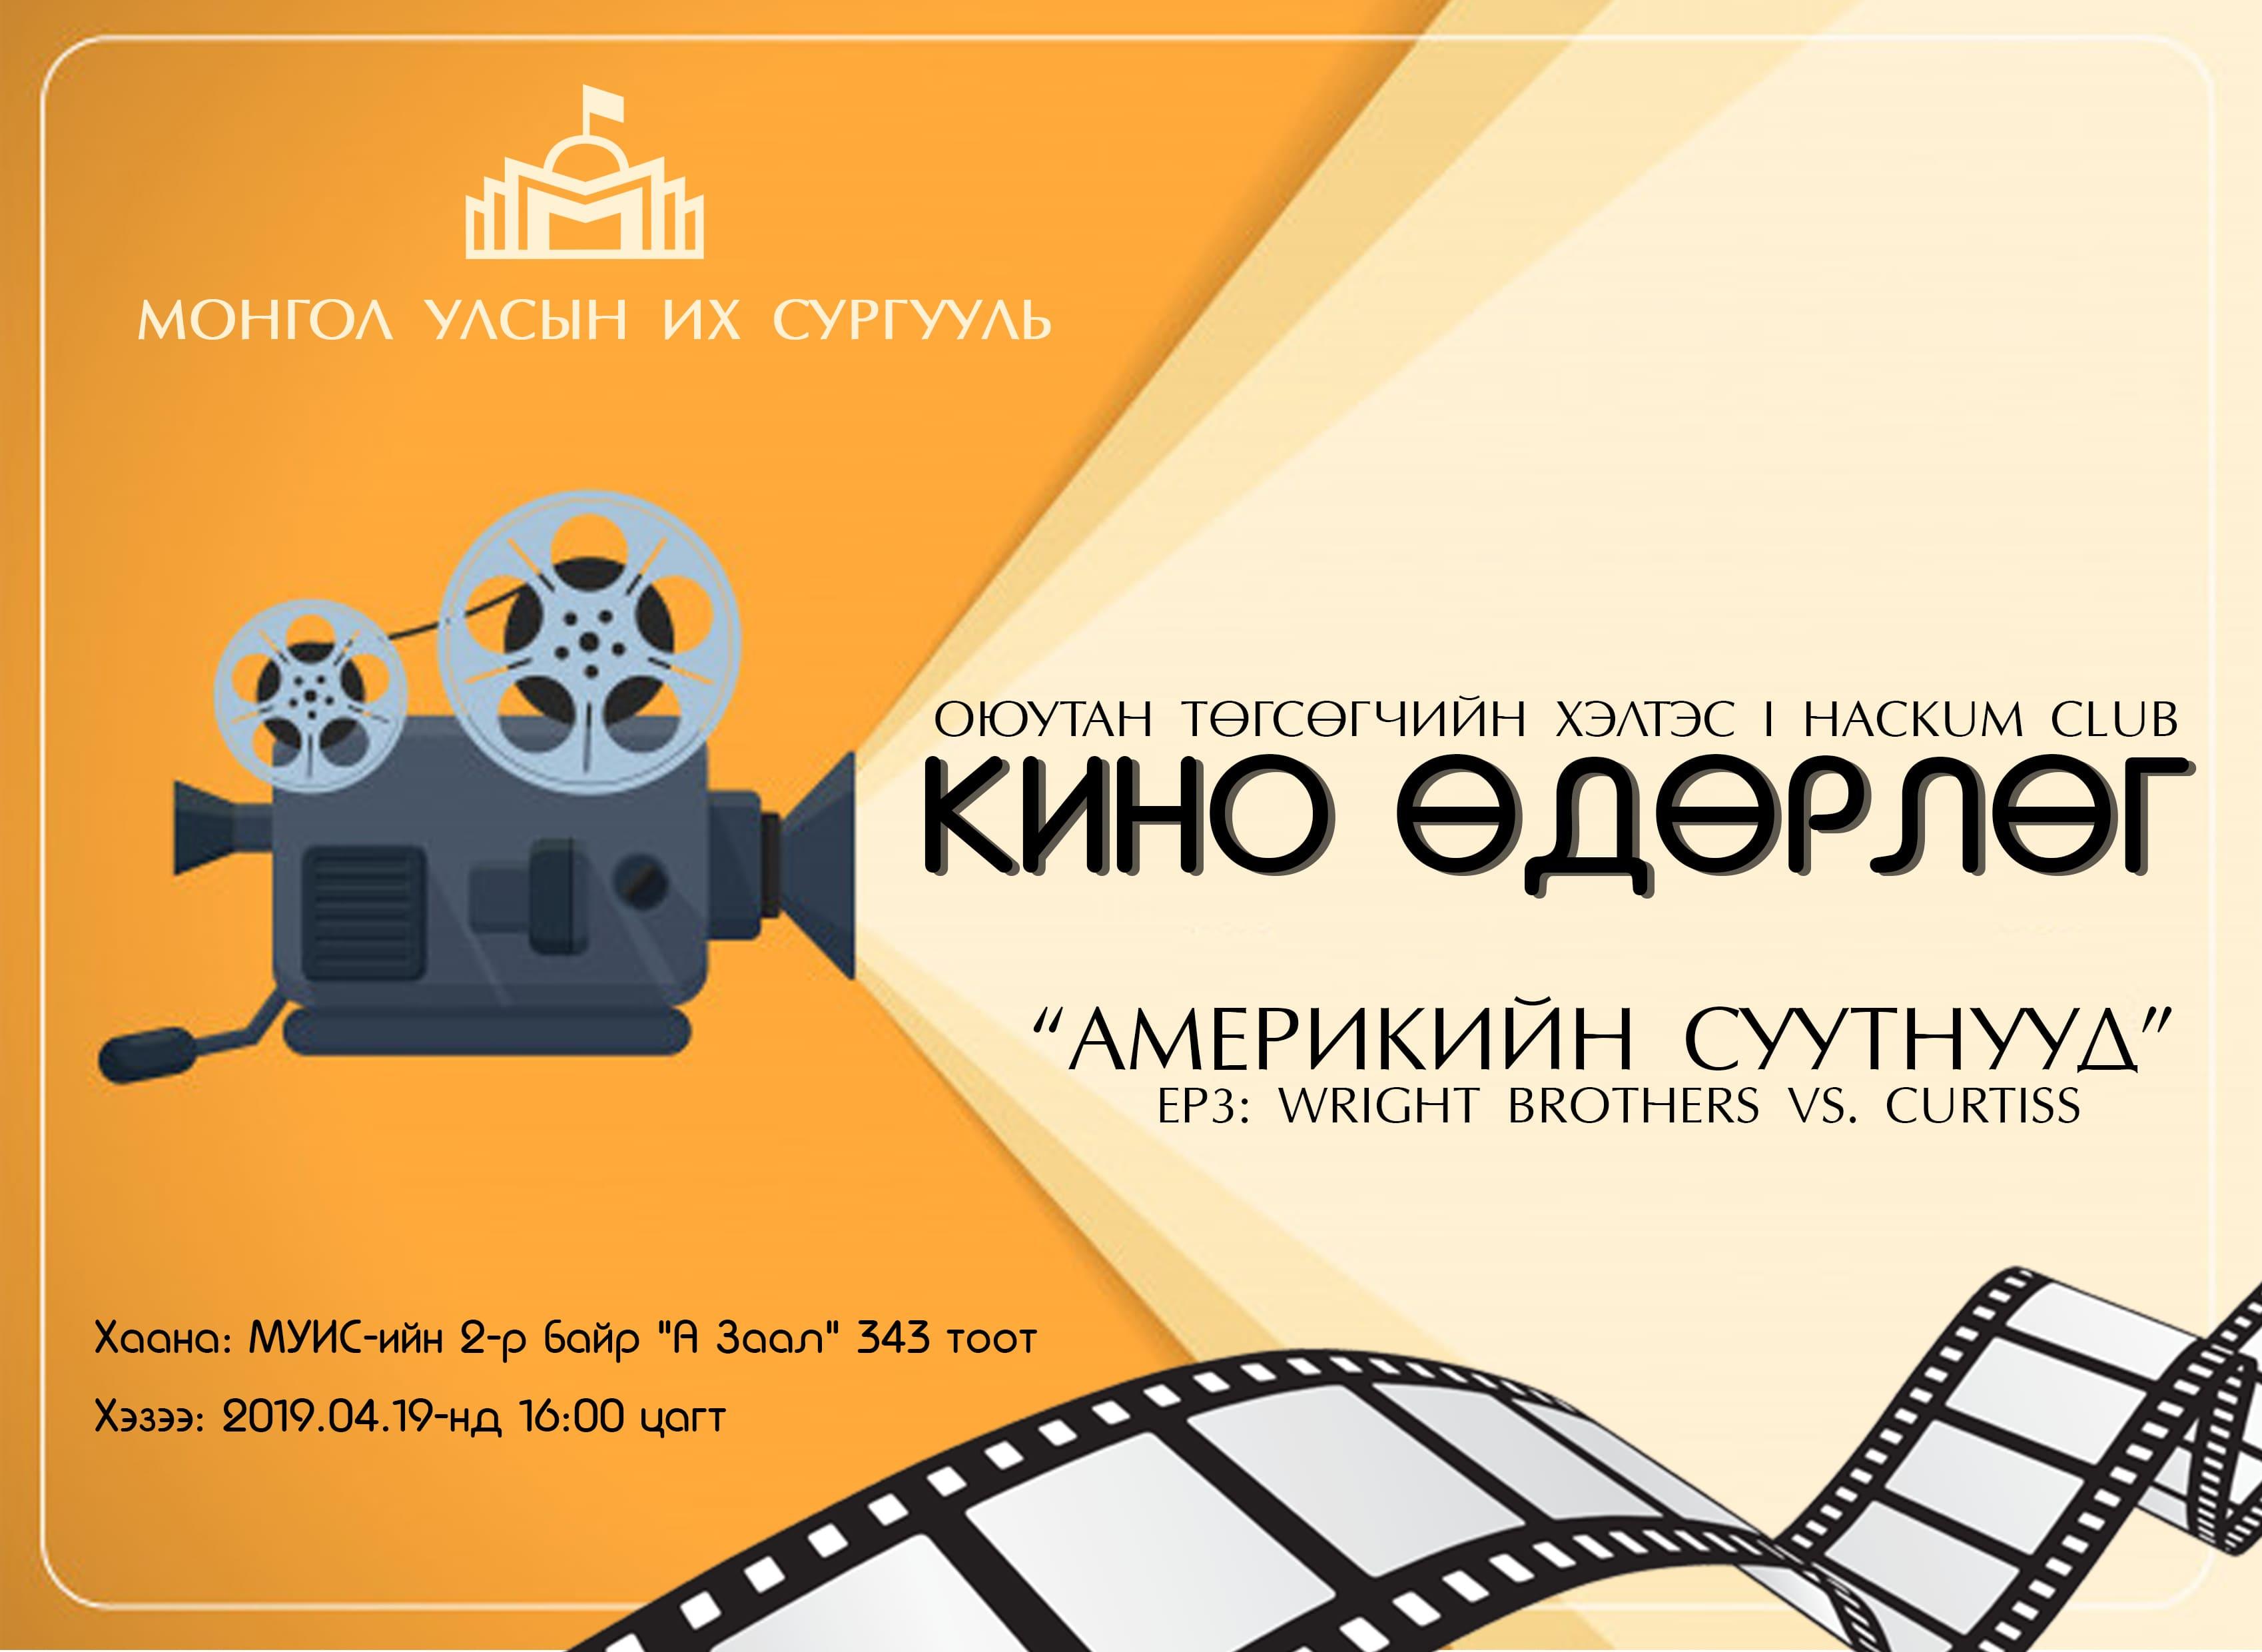 Кино өдөрлөгт хүрэлцэн ирнэ үү